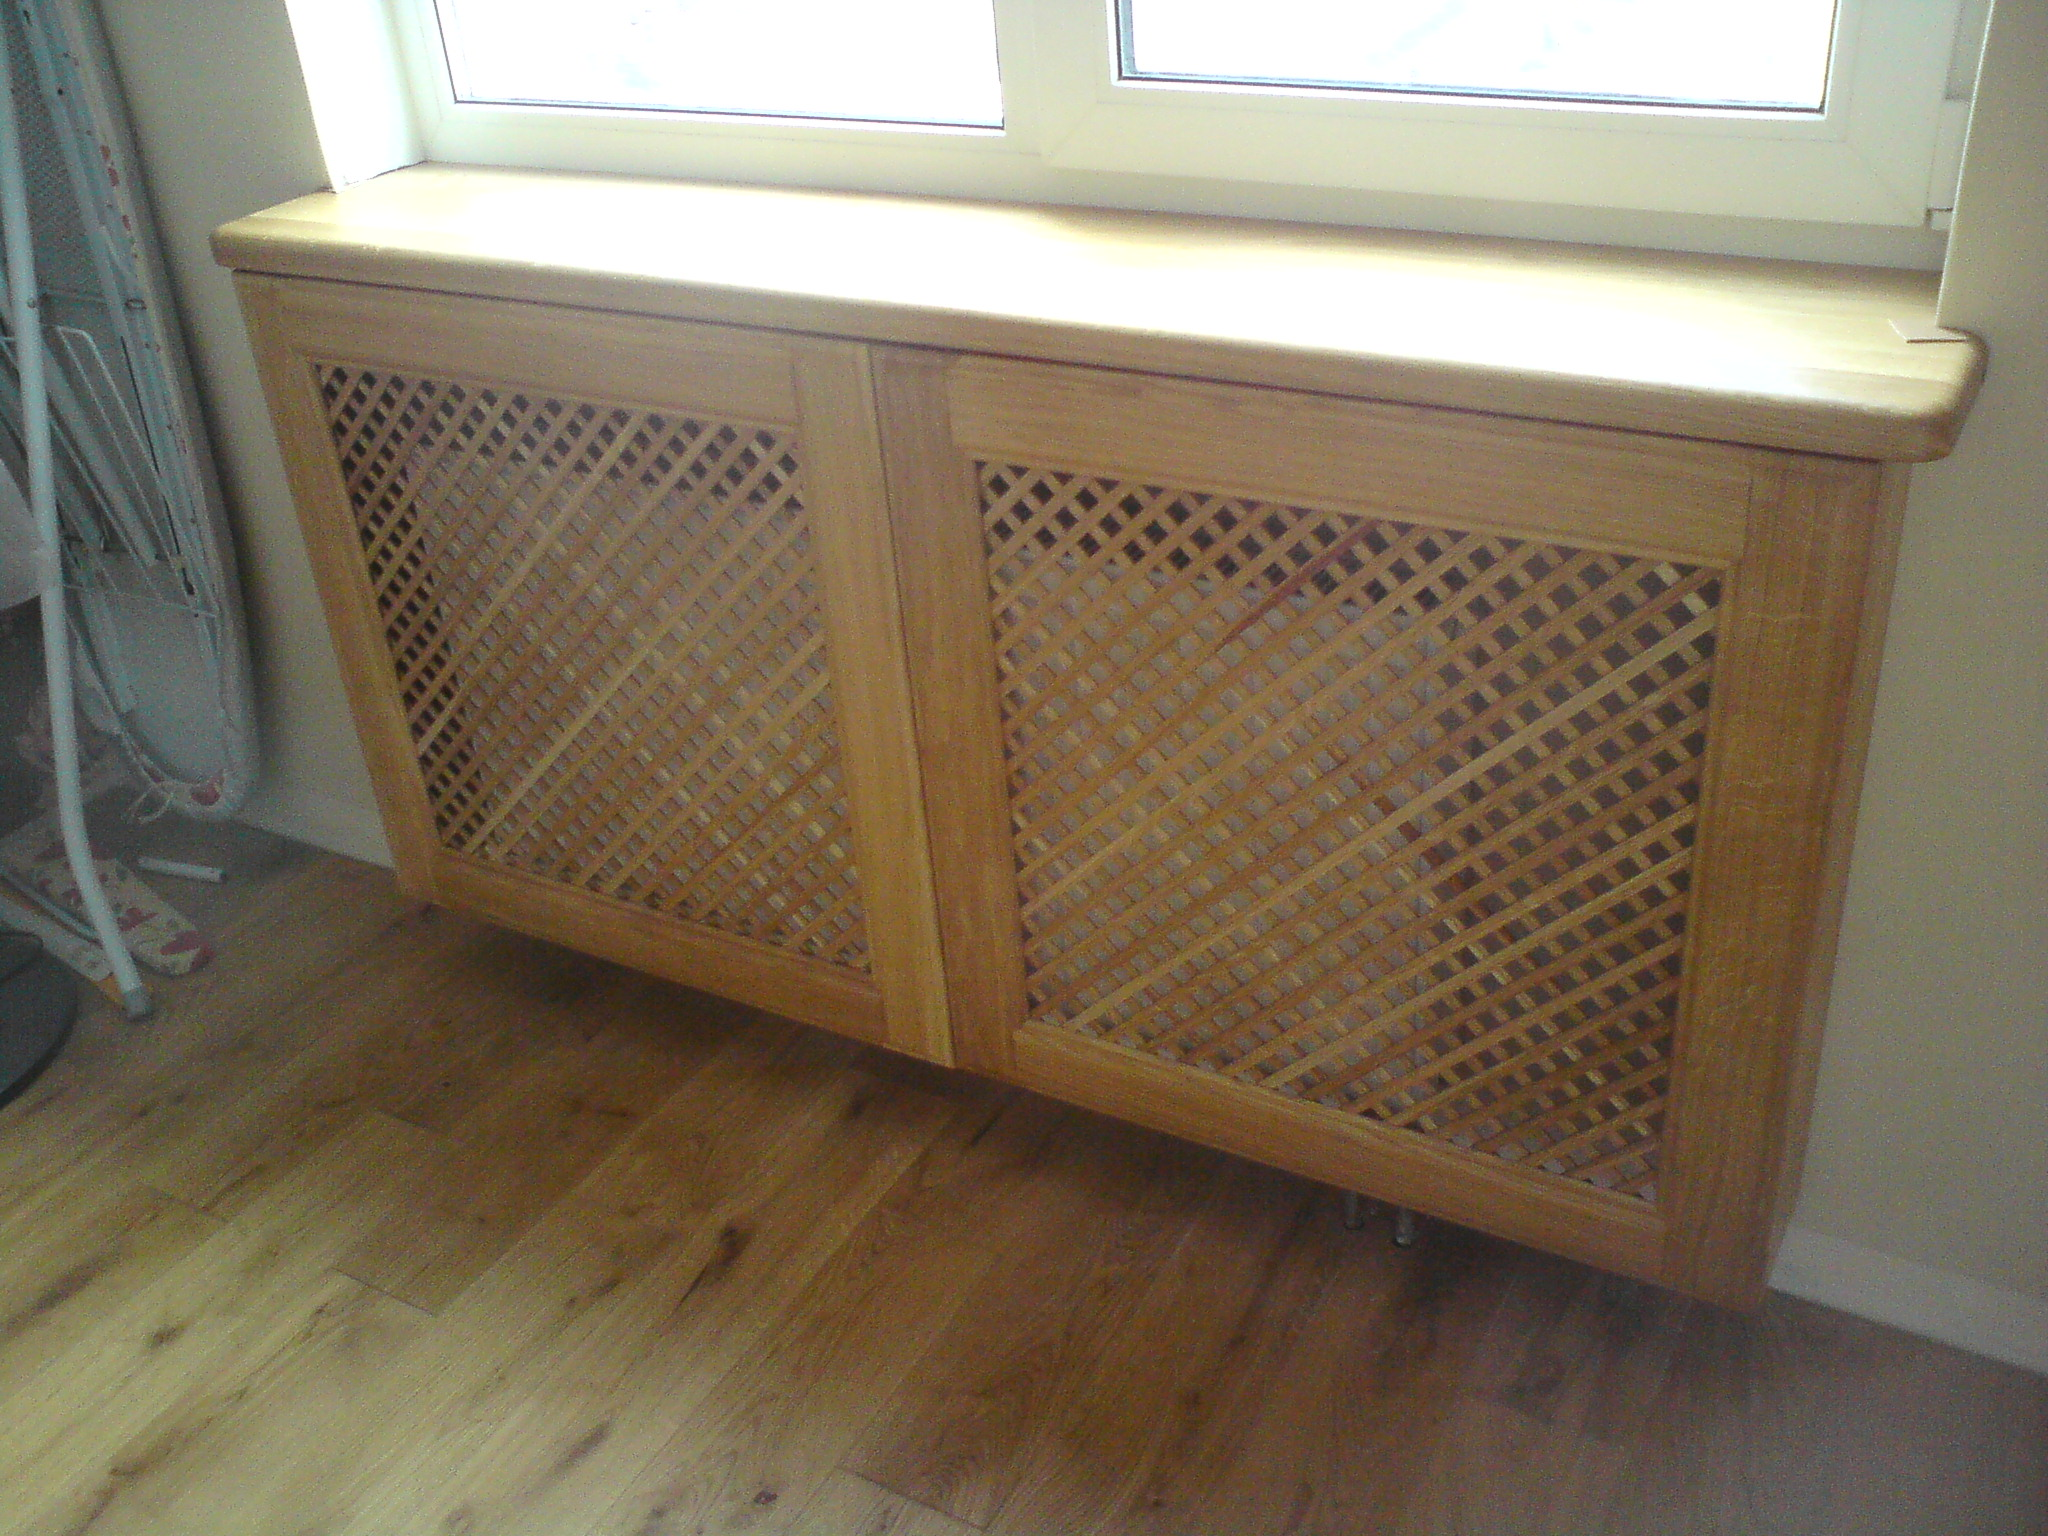 Решетка на радиатор под кухонным окном